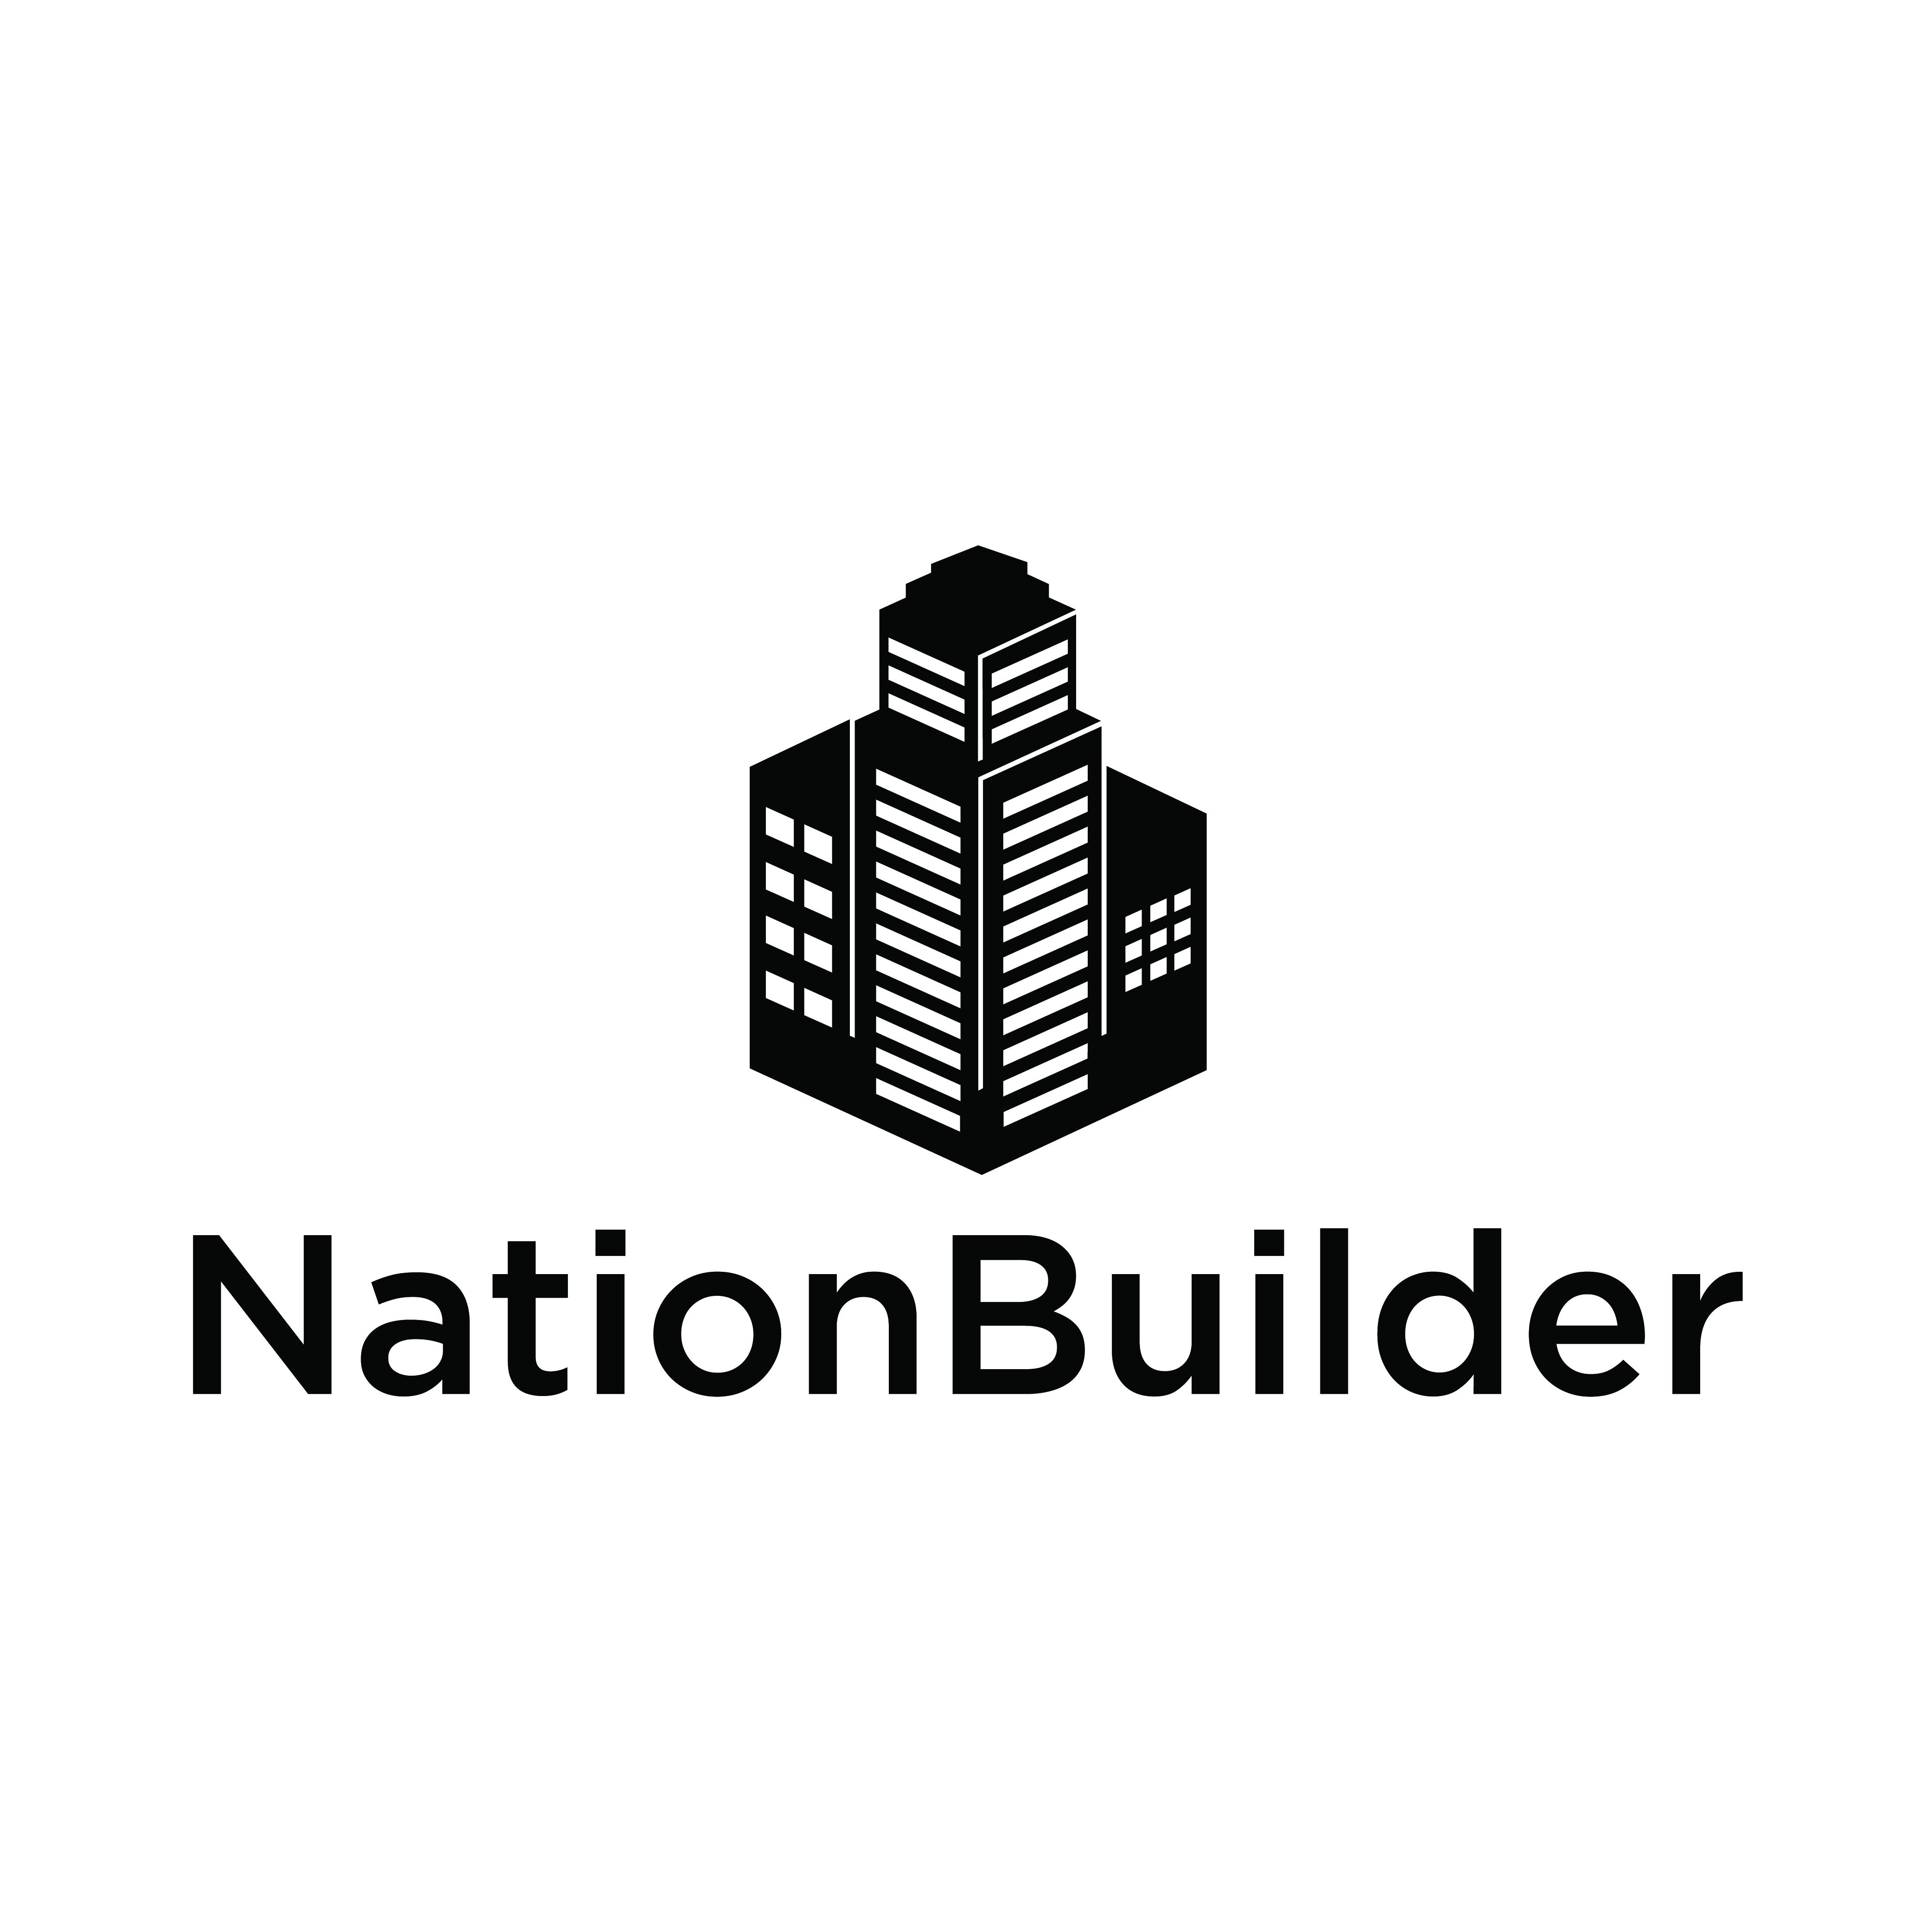 nationbuilder-logo-black.jpg